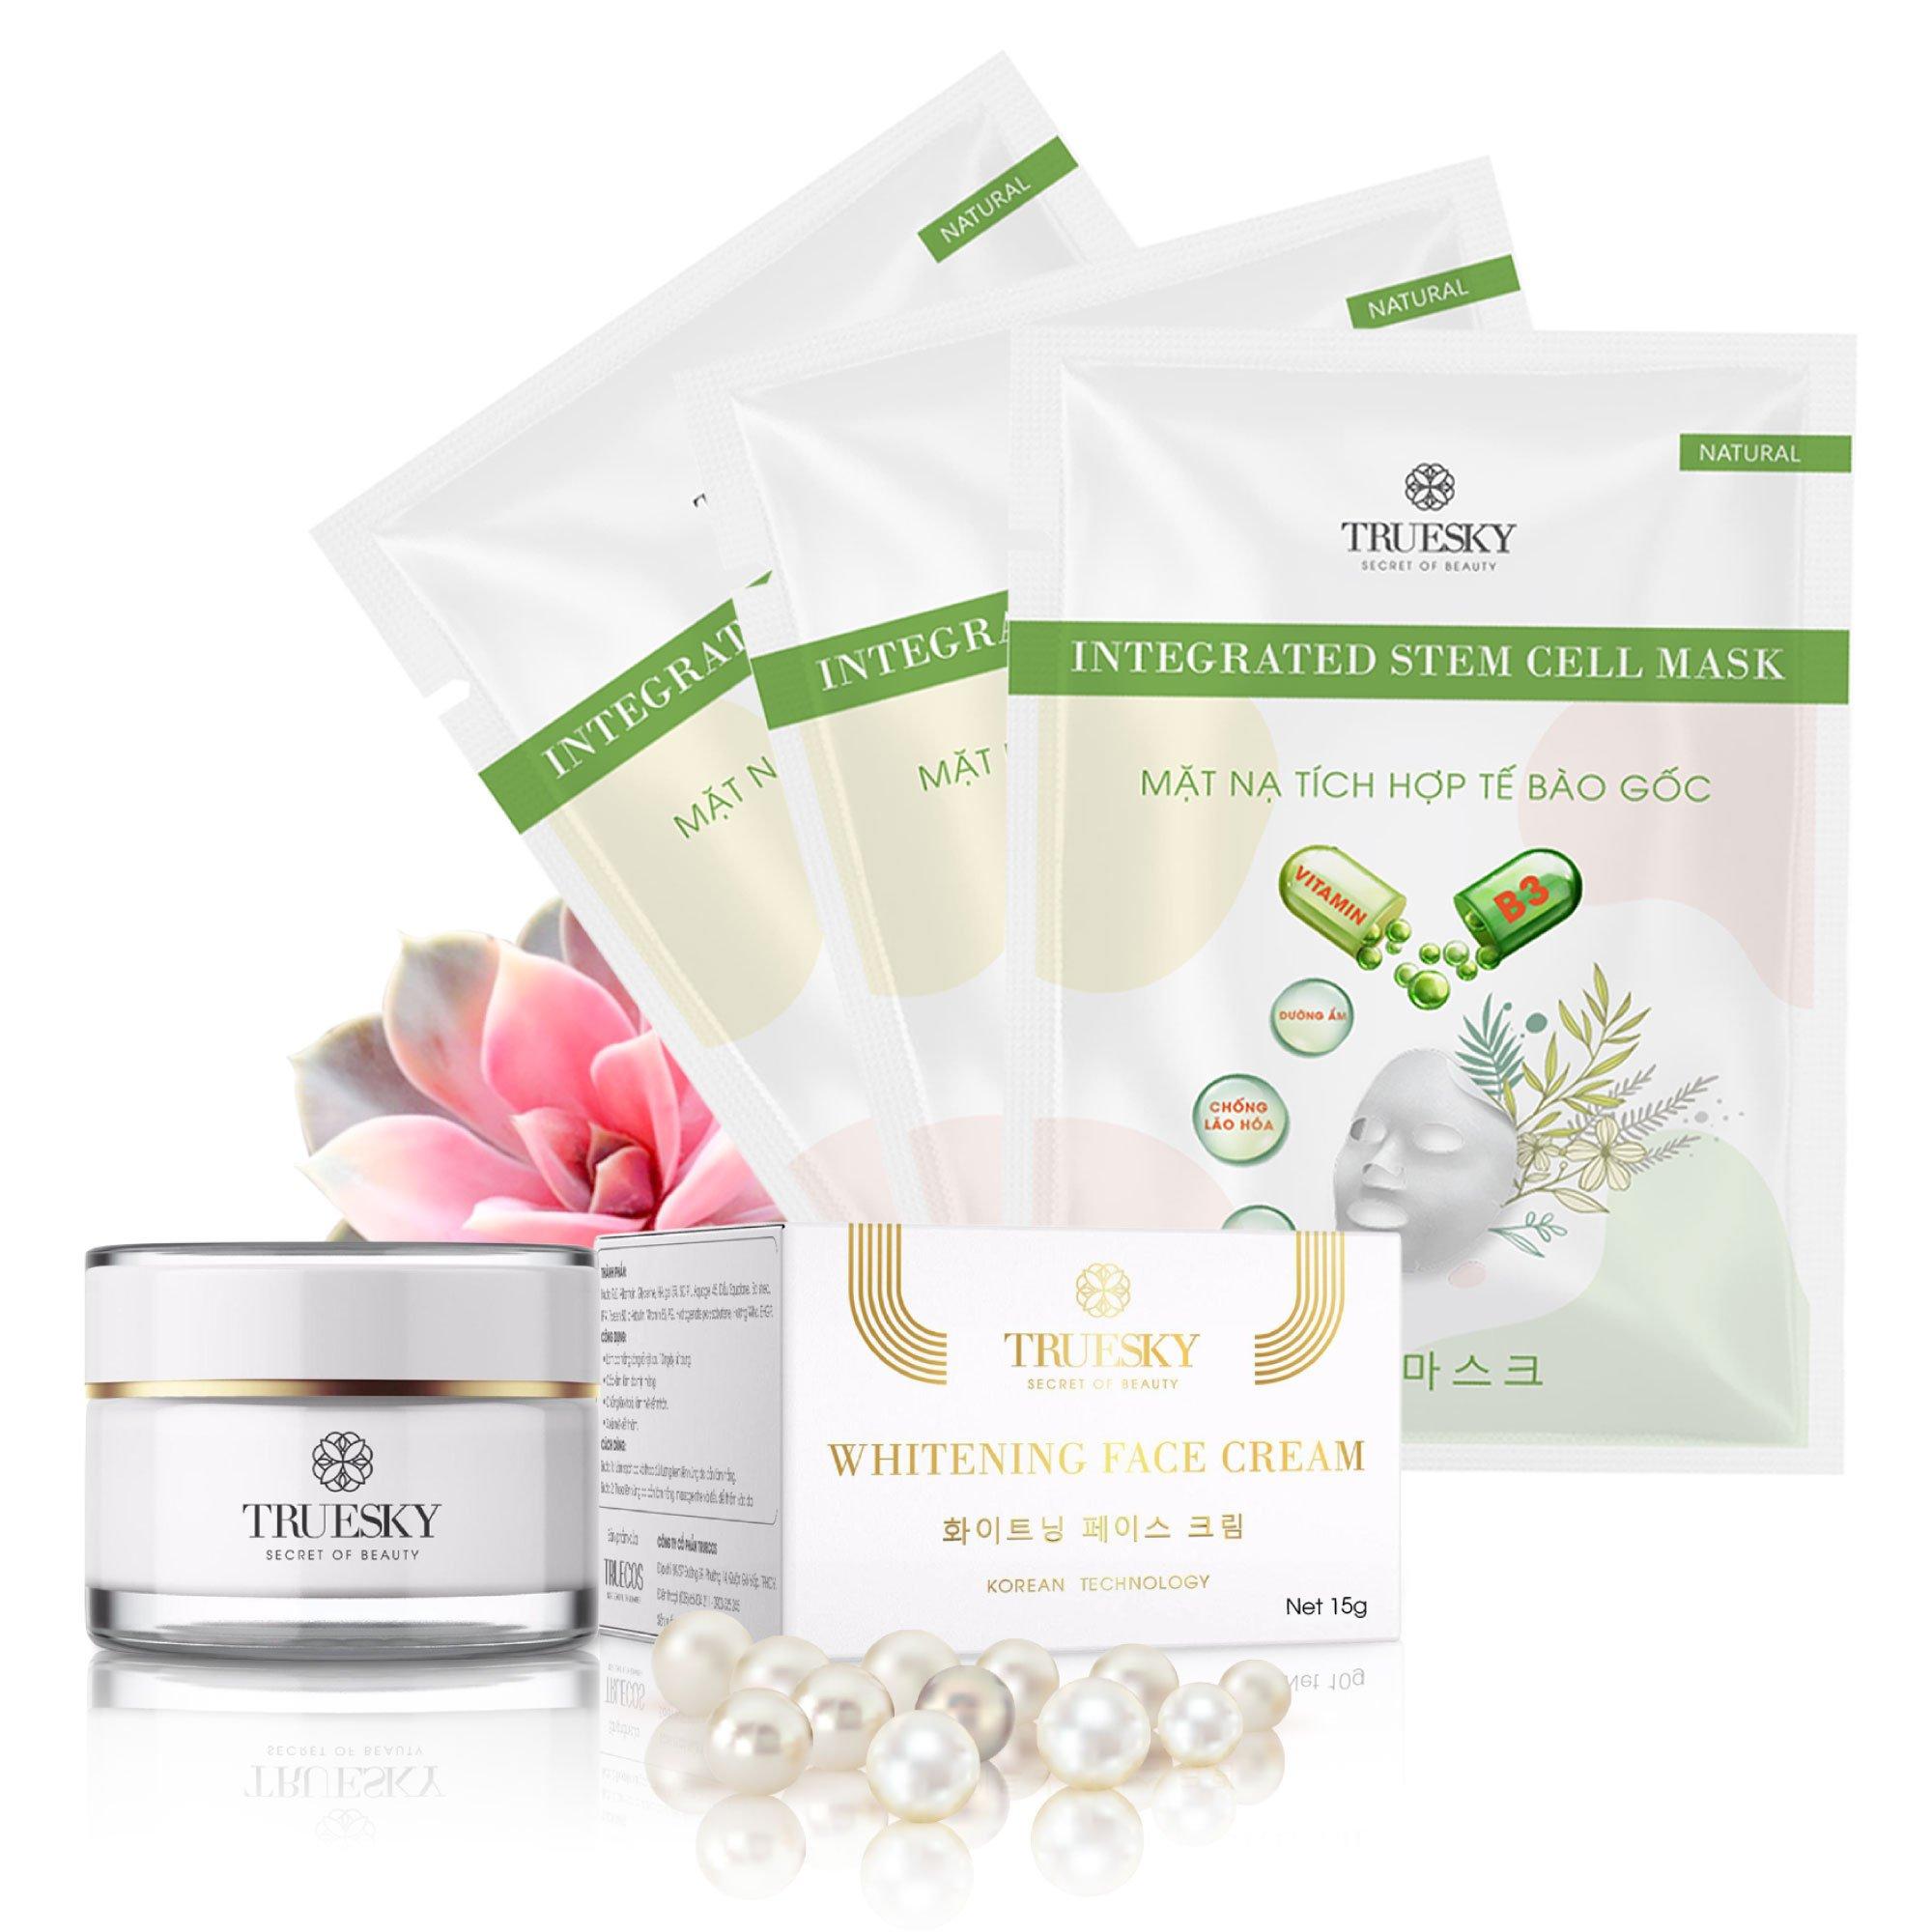 Bộ sản phẩm trắng da mặt Truesky P01 gồm 1 kem trắng da mặt 15g và 3 miếng mặt nạ trắng da tế bào gốc Truesky